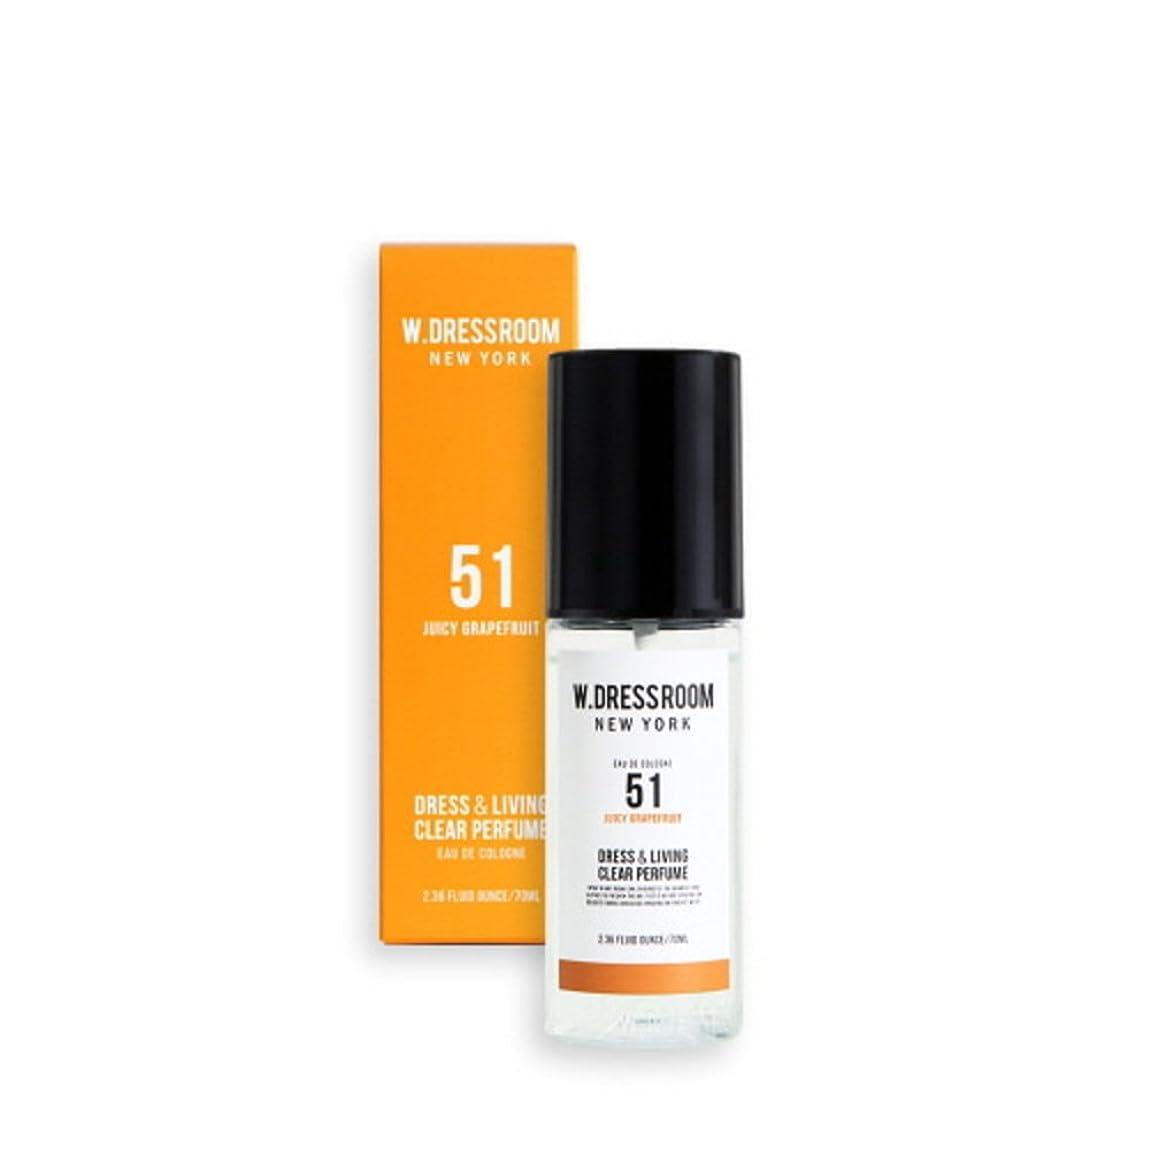 パール世代優先W.DRESSROOM Dress & Living Clear Perfume fragrance 70ml (#No.51 Juicy Grapefruit)/ダブルドレスルーム ドレス&リビング クリア パフューム 70ml (#No.51 Juicy Grapefruit)